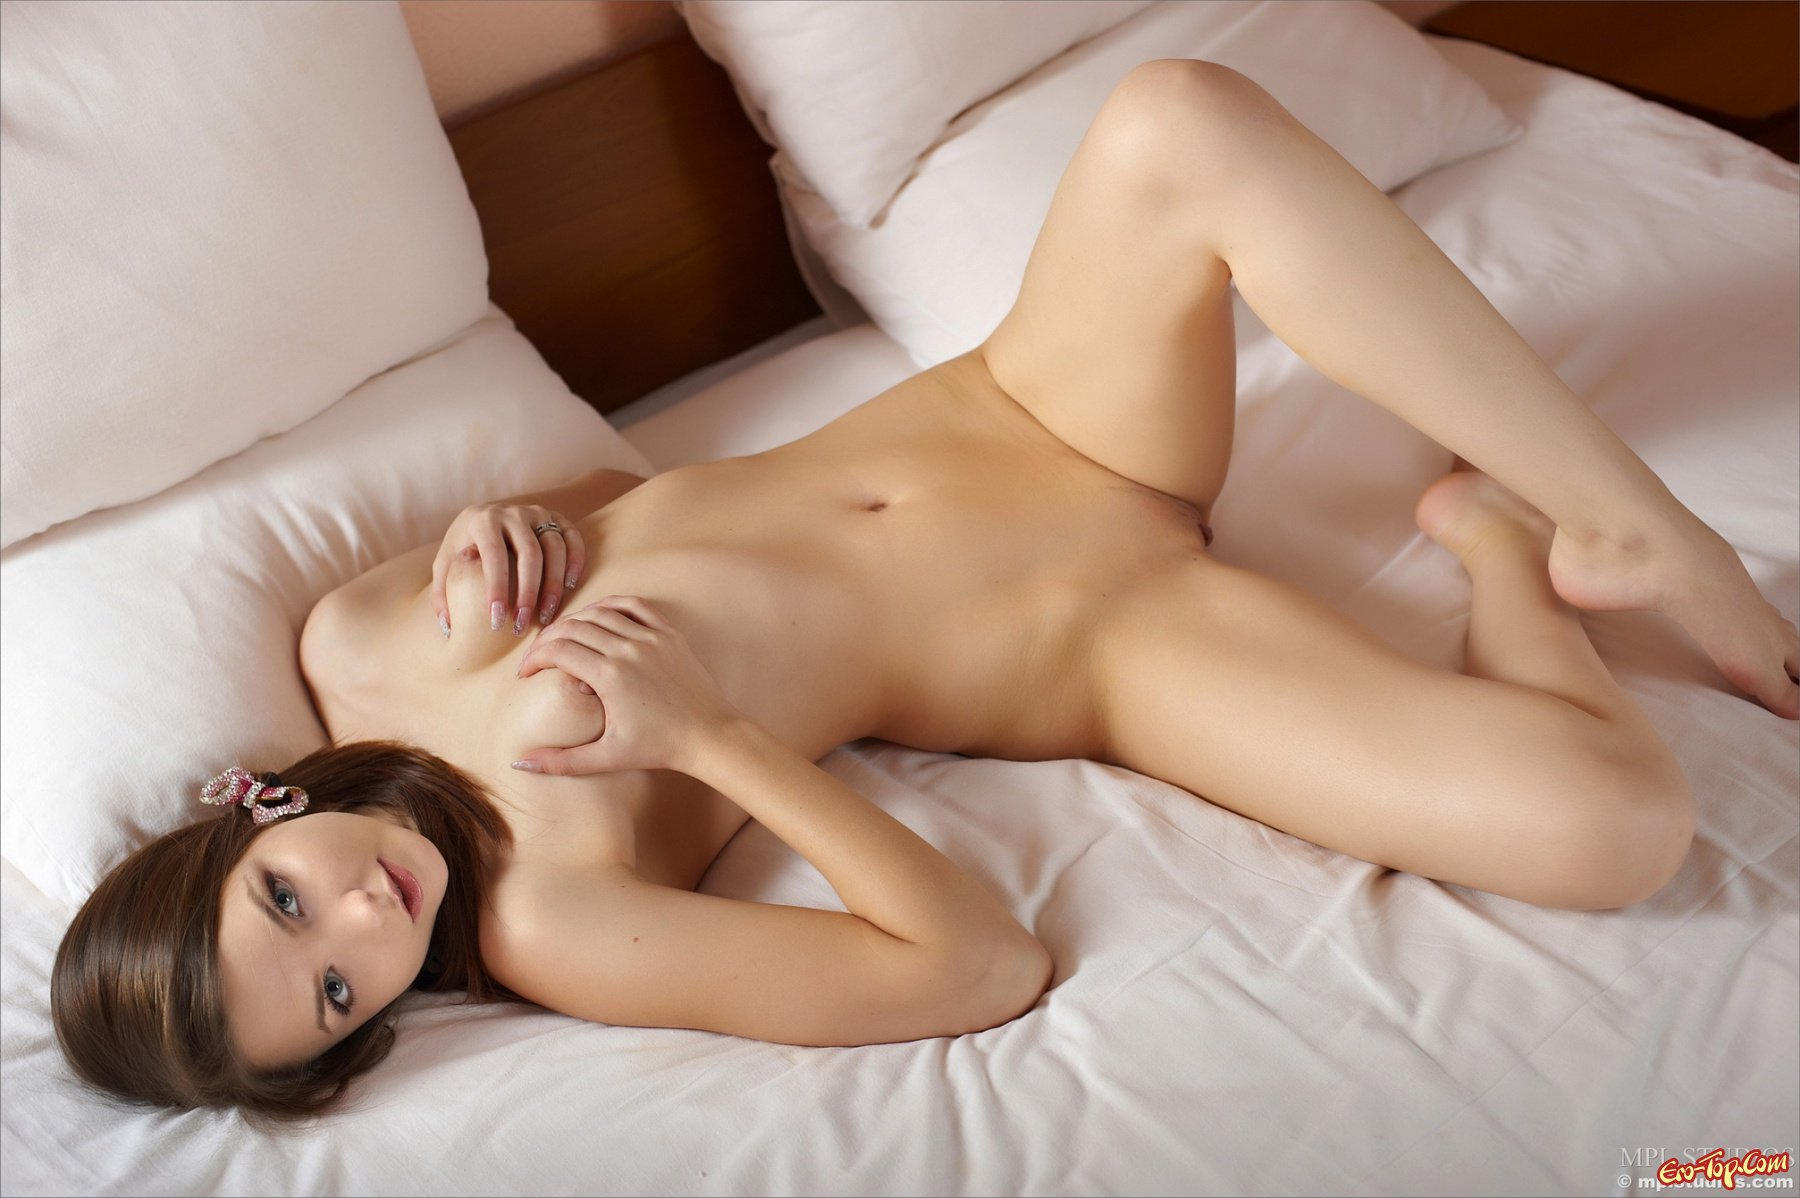 nezhnaya-erotika-molodih